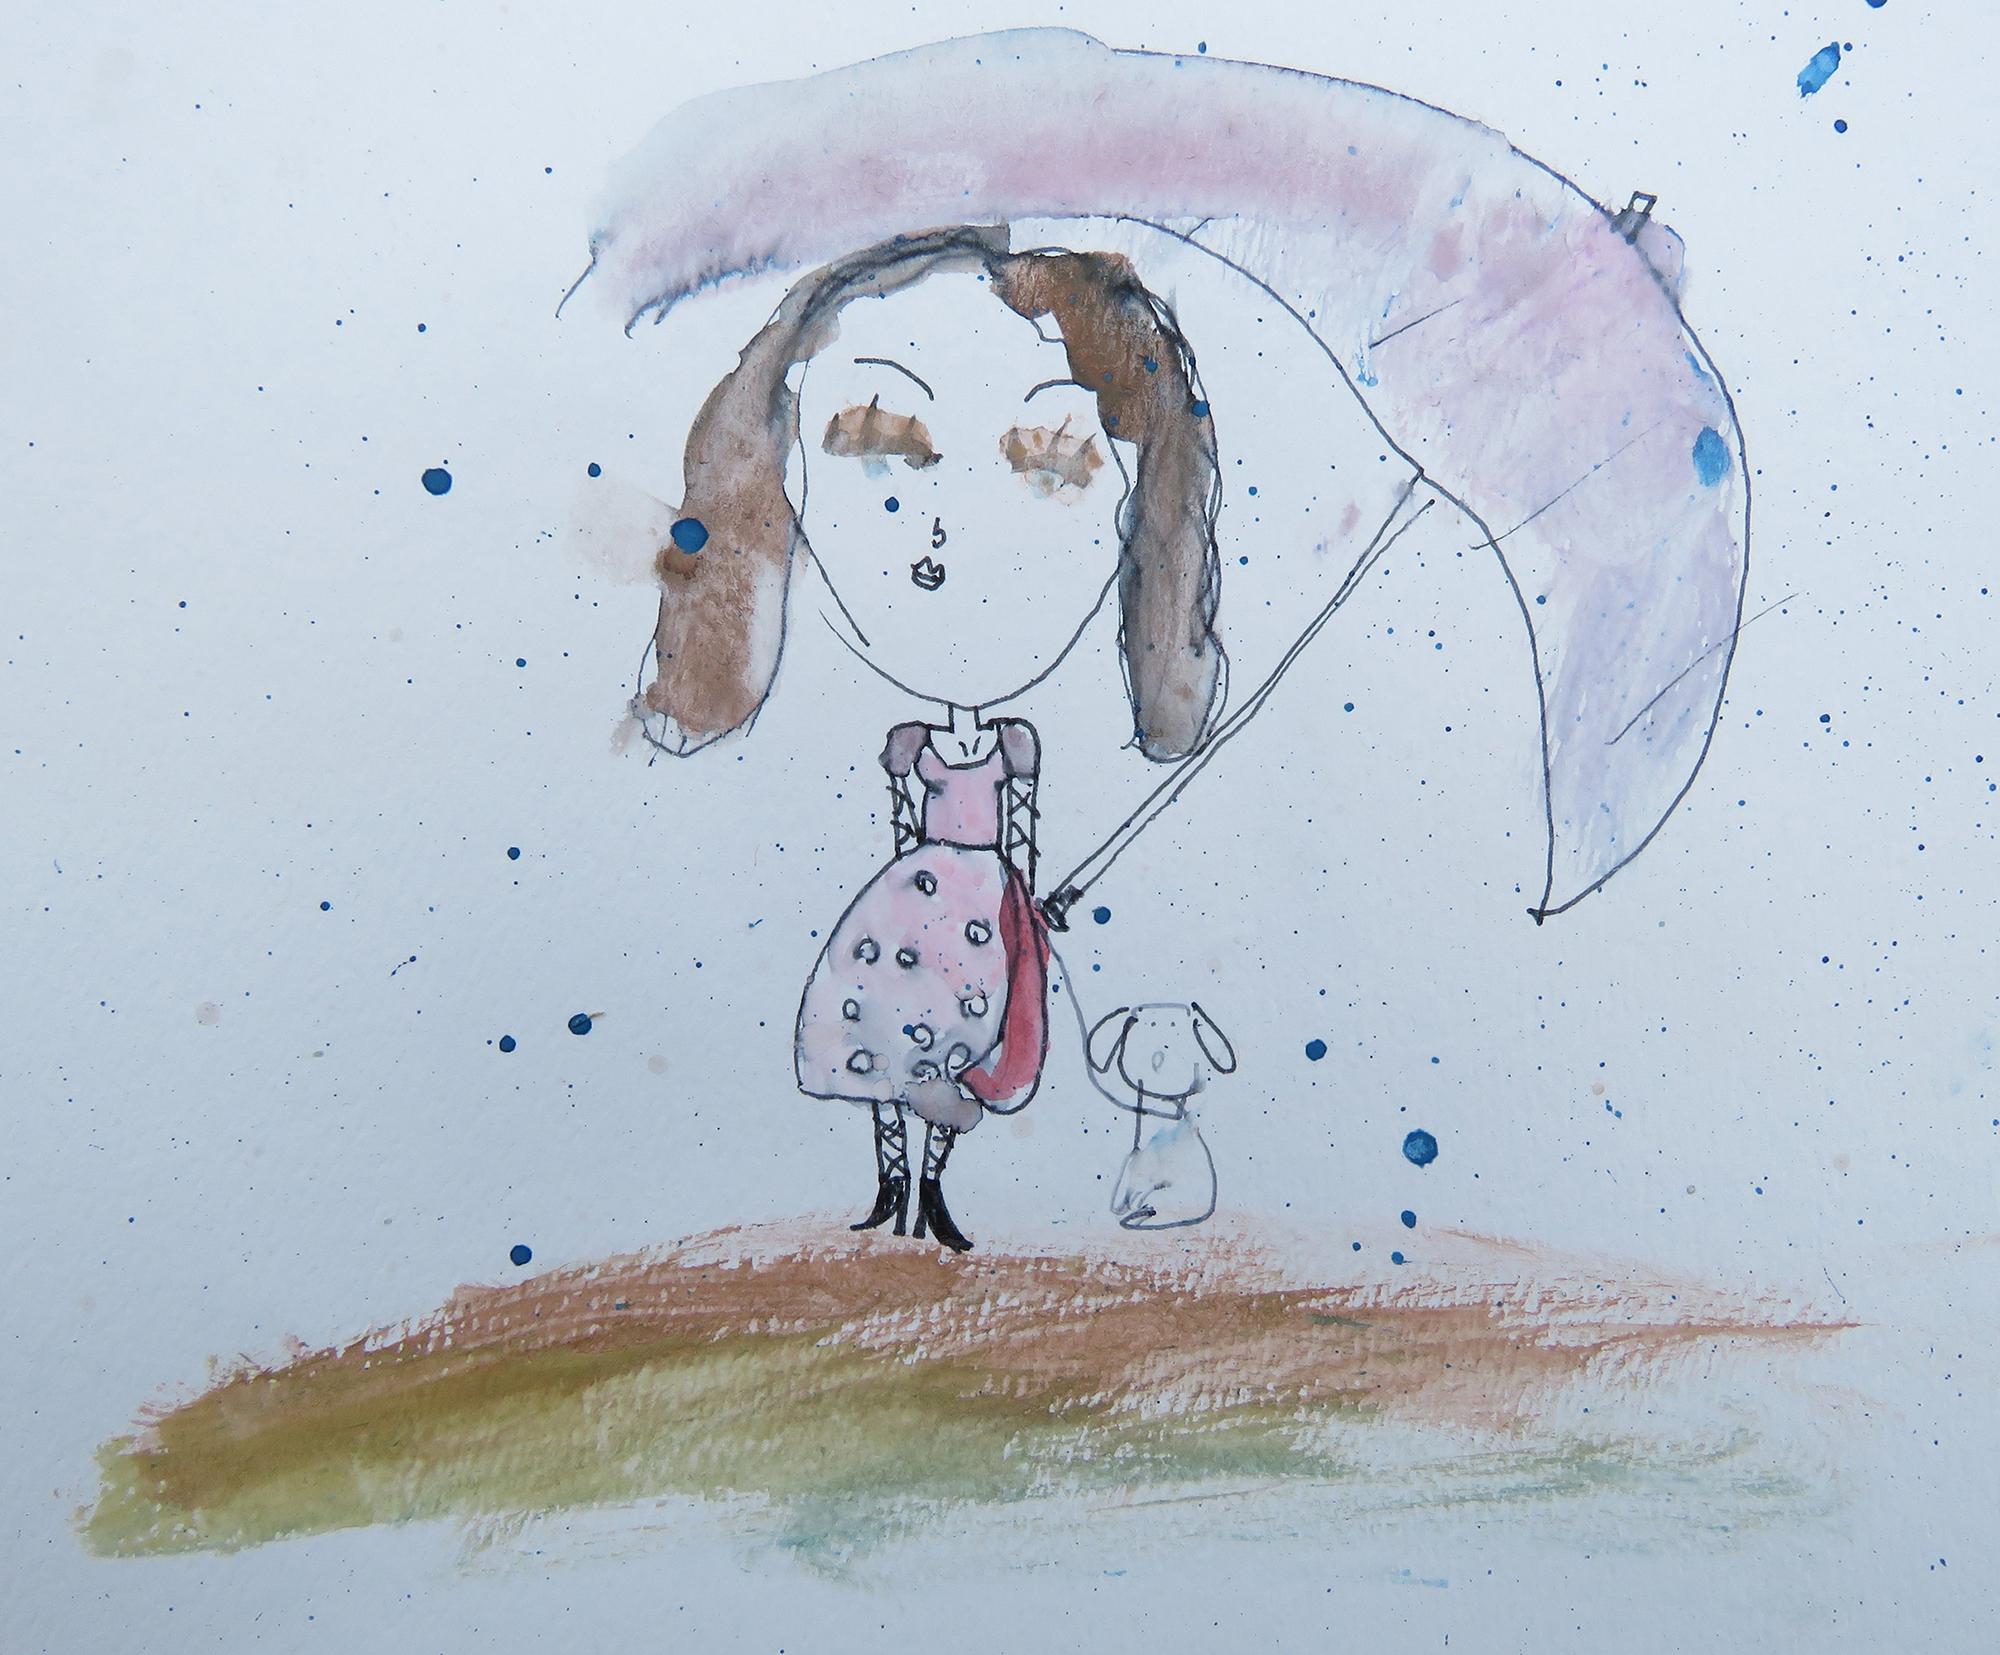 SEA Salome R 9 Girl with Umbrella Watercolor